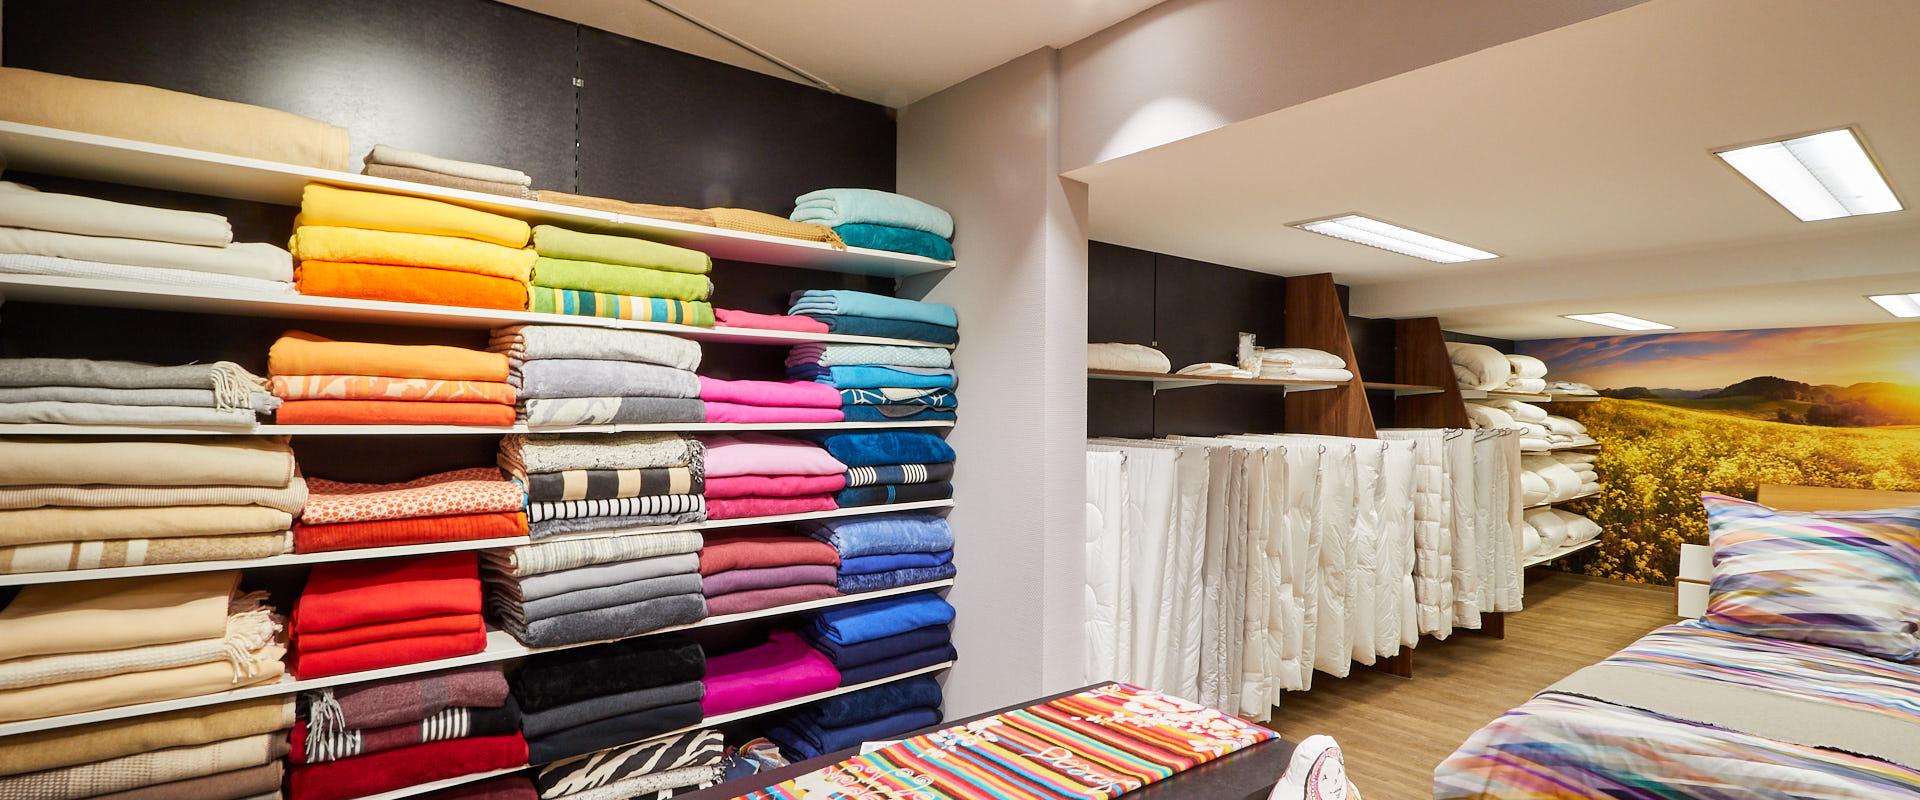 wie finde ich das richtige kopfkissen bettw sche 200 220 boxspringbett schlafzimmer komplett. Black Bedroom Furniture Sets. Home Design Ideas